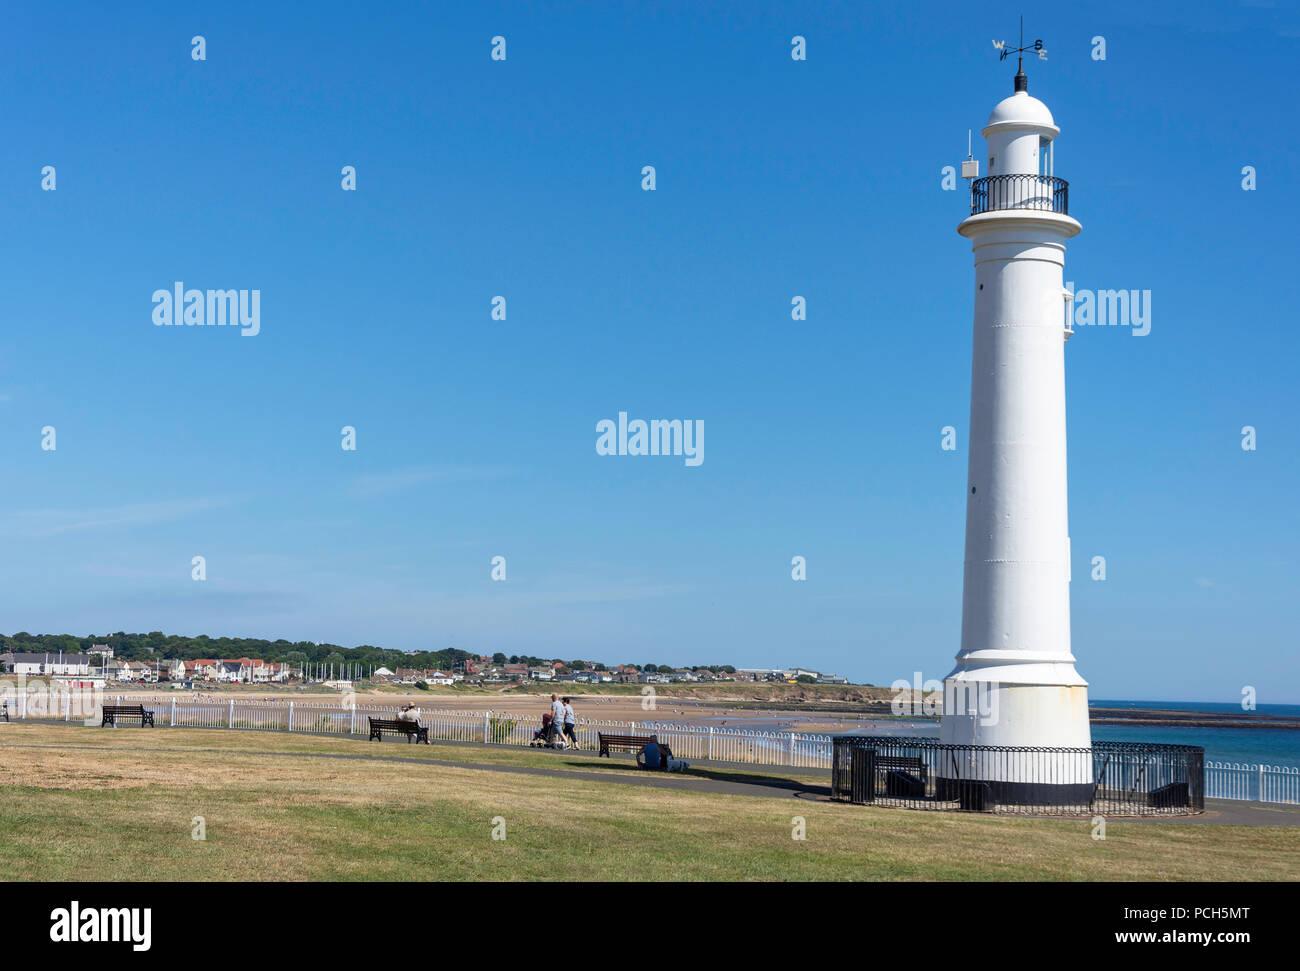 Meik's Gusseisen Leuchtturm und Promenade, Seaburn, Sunderland, Tyne und Wear, England, Vereinigtes Königreich Stockbild